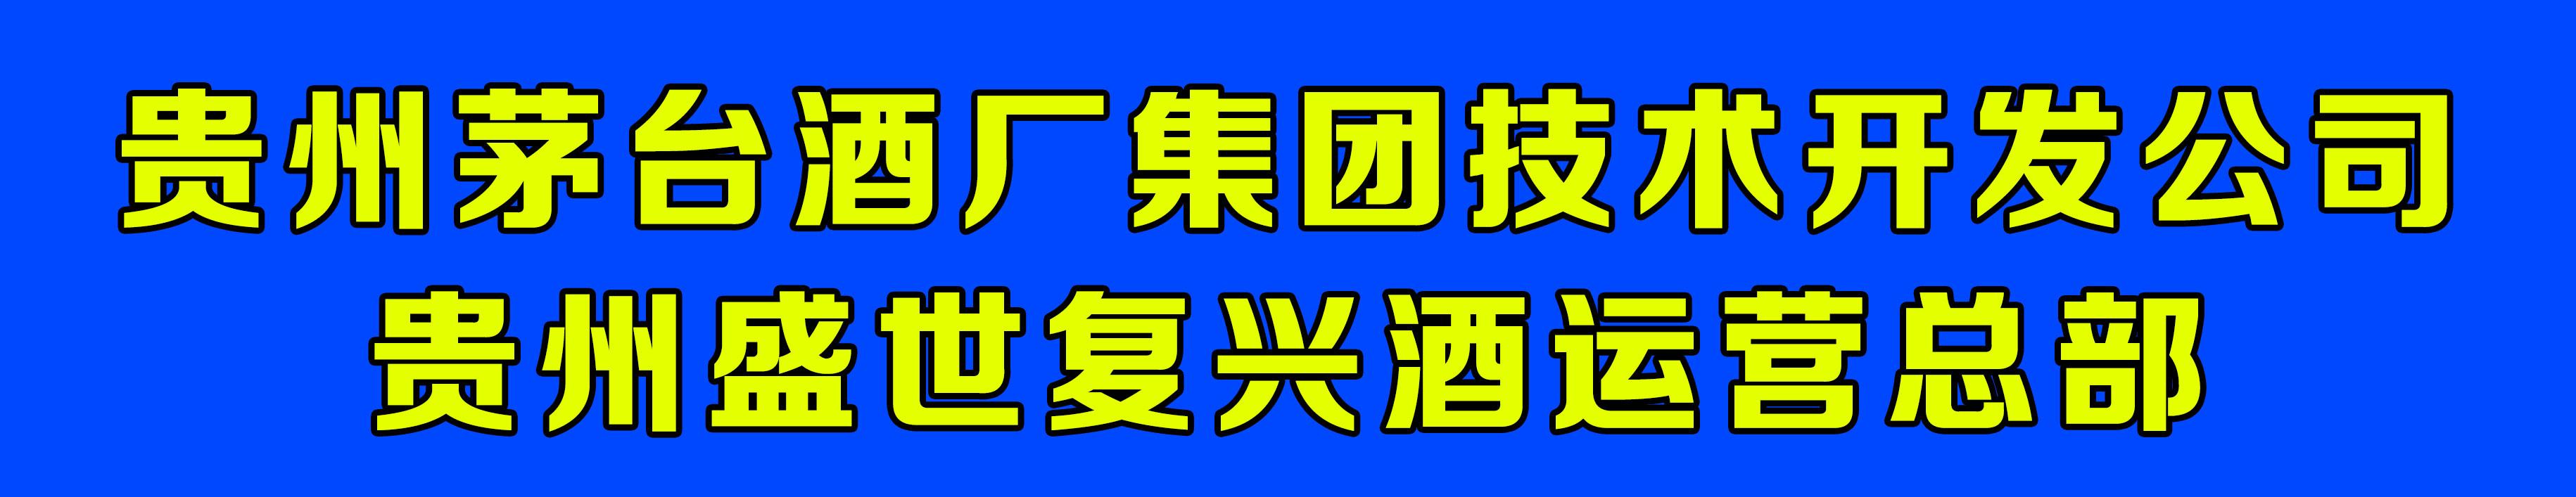 贵州茅台酒厂集团技术开发公司贵州盛世复兴酒运营总部